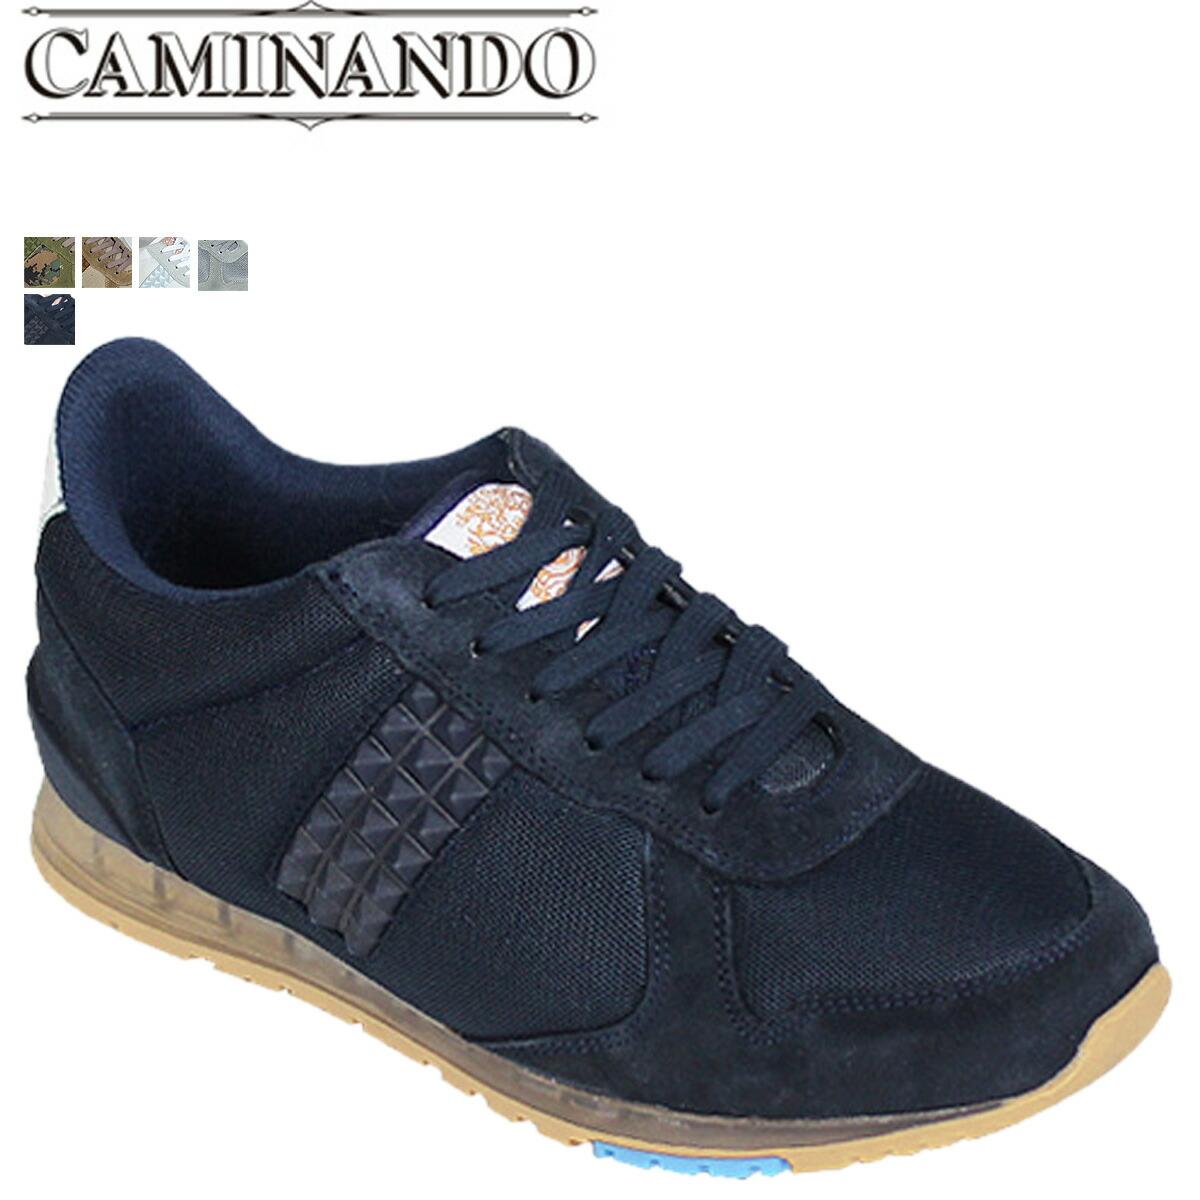 f411bcf96910 SneaK Online Shop  Point 2 x caminando CAMINANDO studded trainer ...